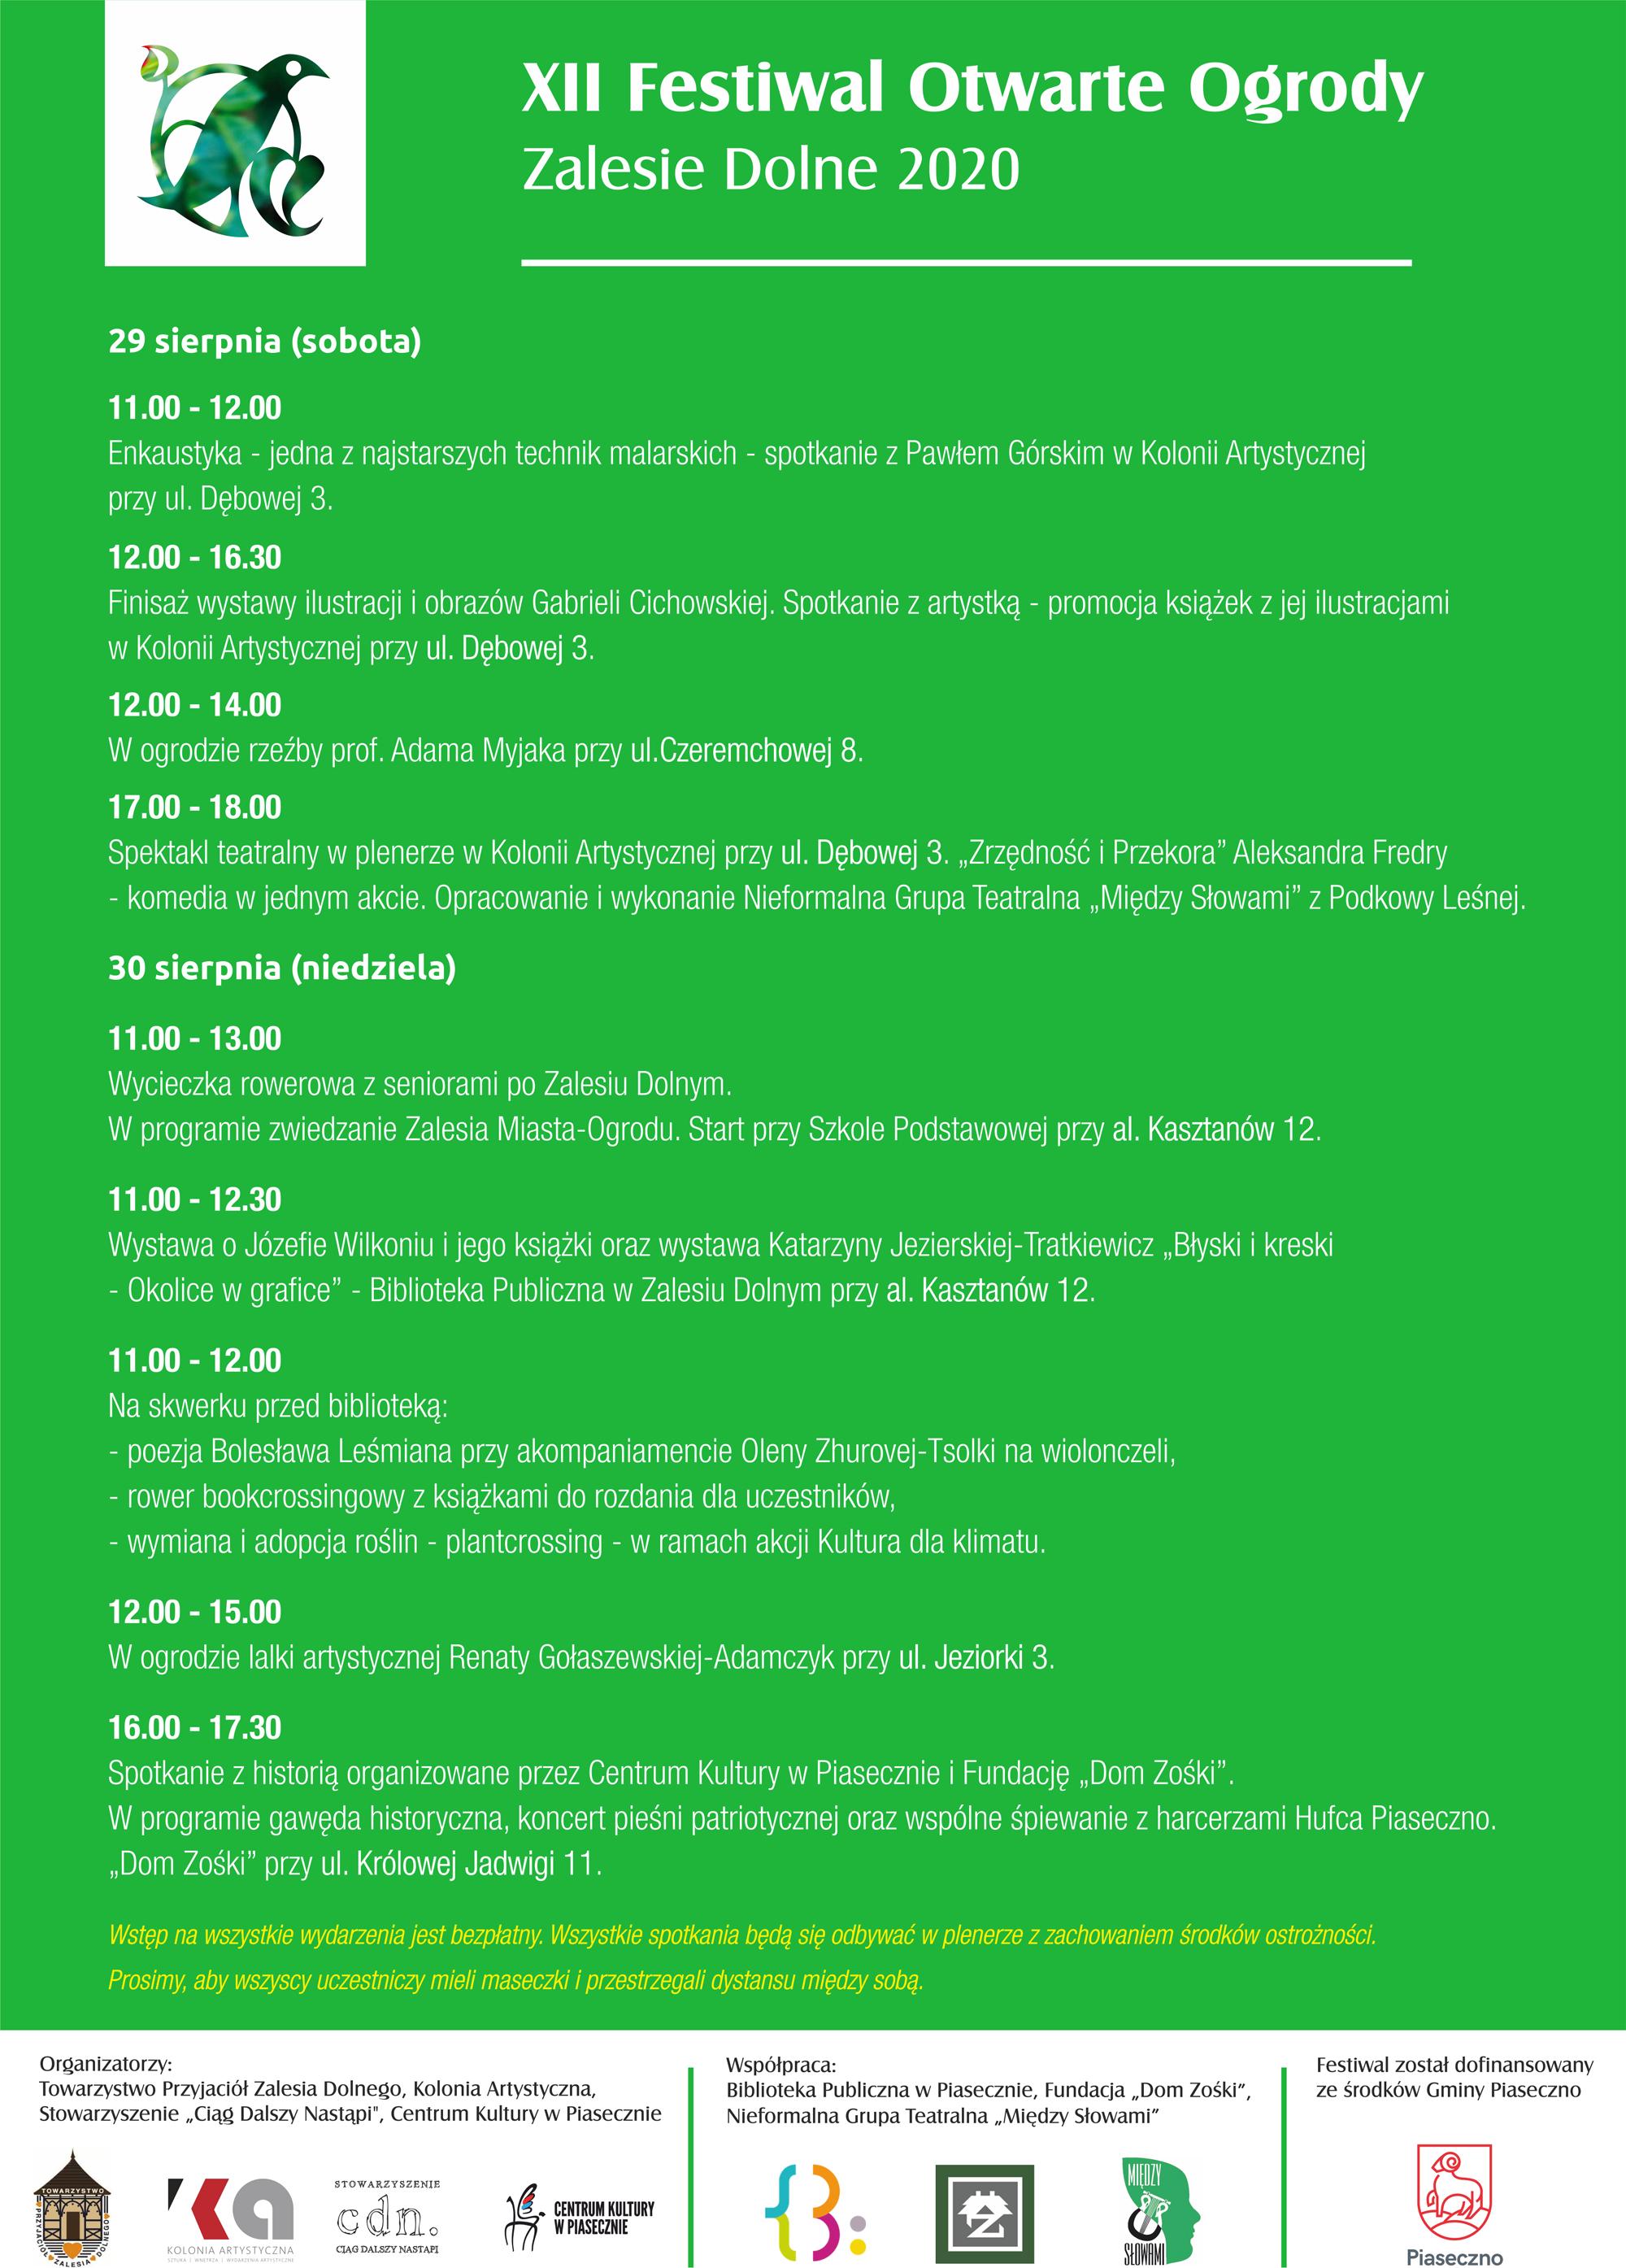 Festiwal Otwarte Ogrody w Zalesiu Dolnym 2020 plakat